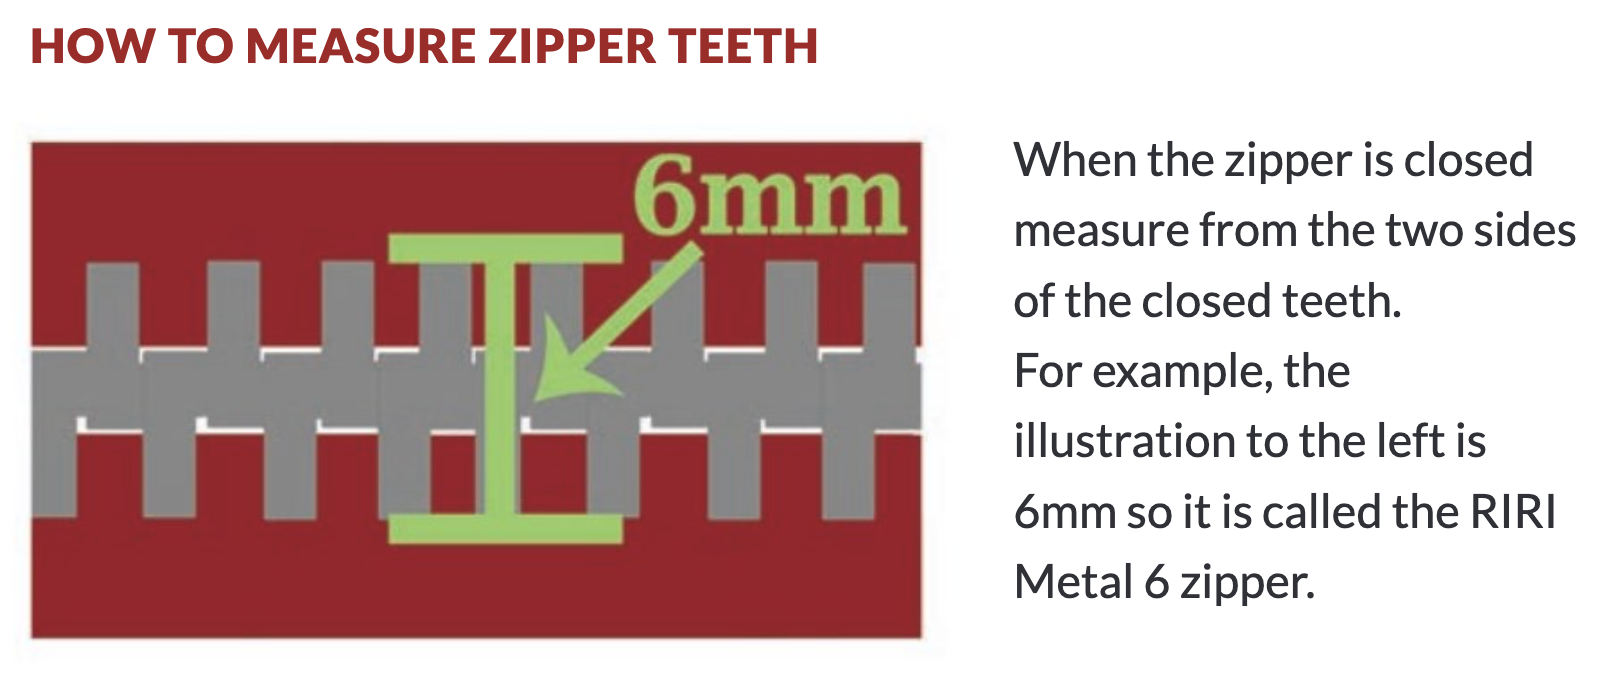 How to measure zipper teeth